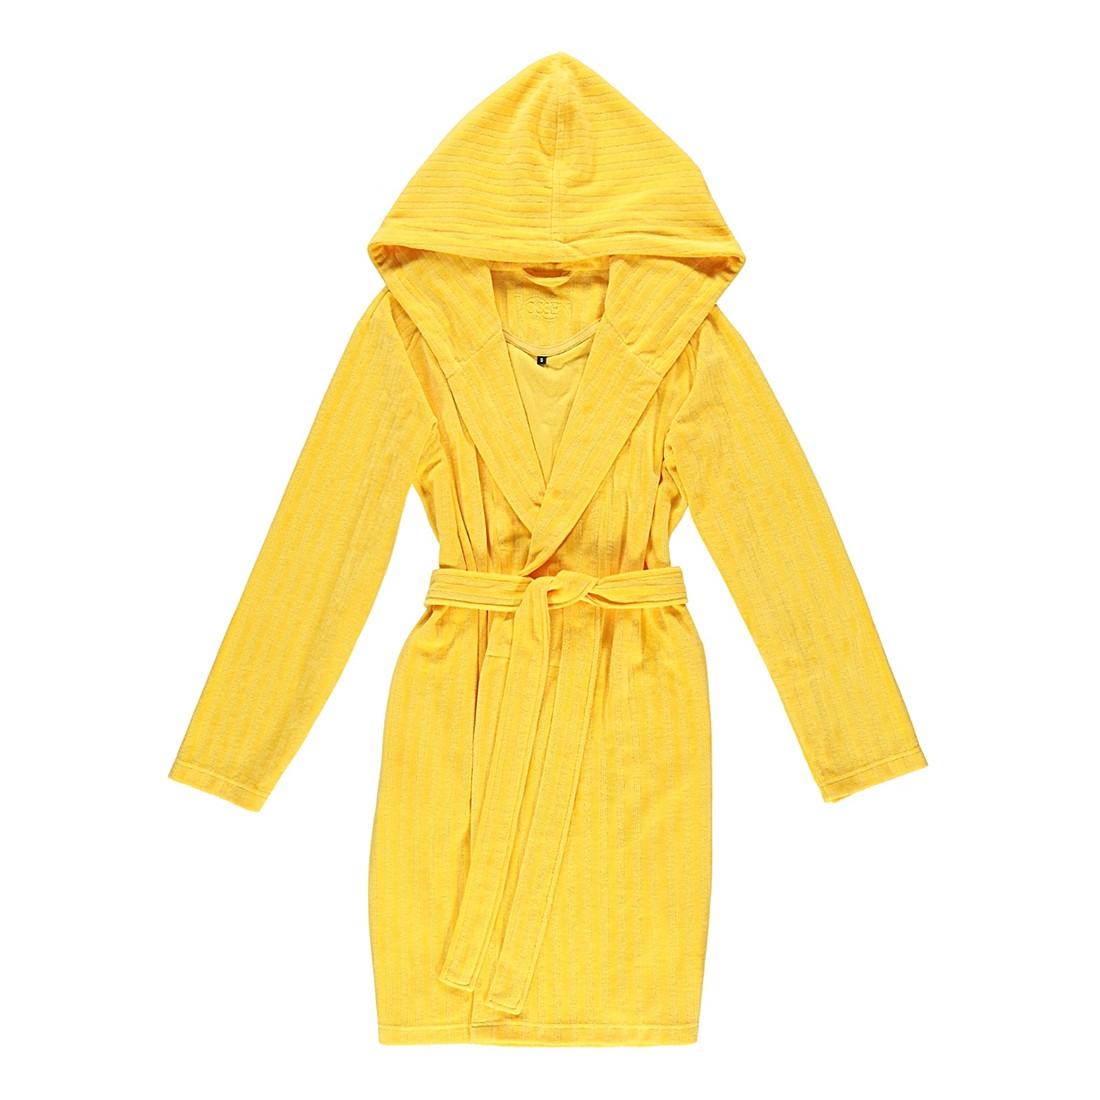 Bademantel Ruby – Damen – Velours – 80% Baumwolle – 20% Polyester safran – 180 – Größe: M, Vossen online kaufen